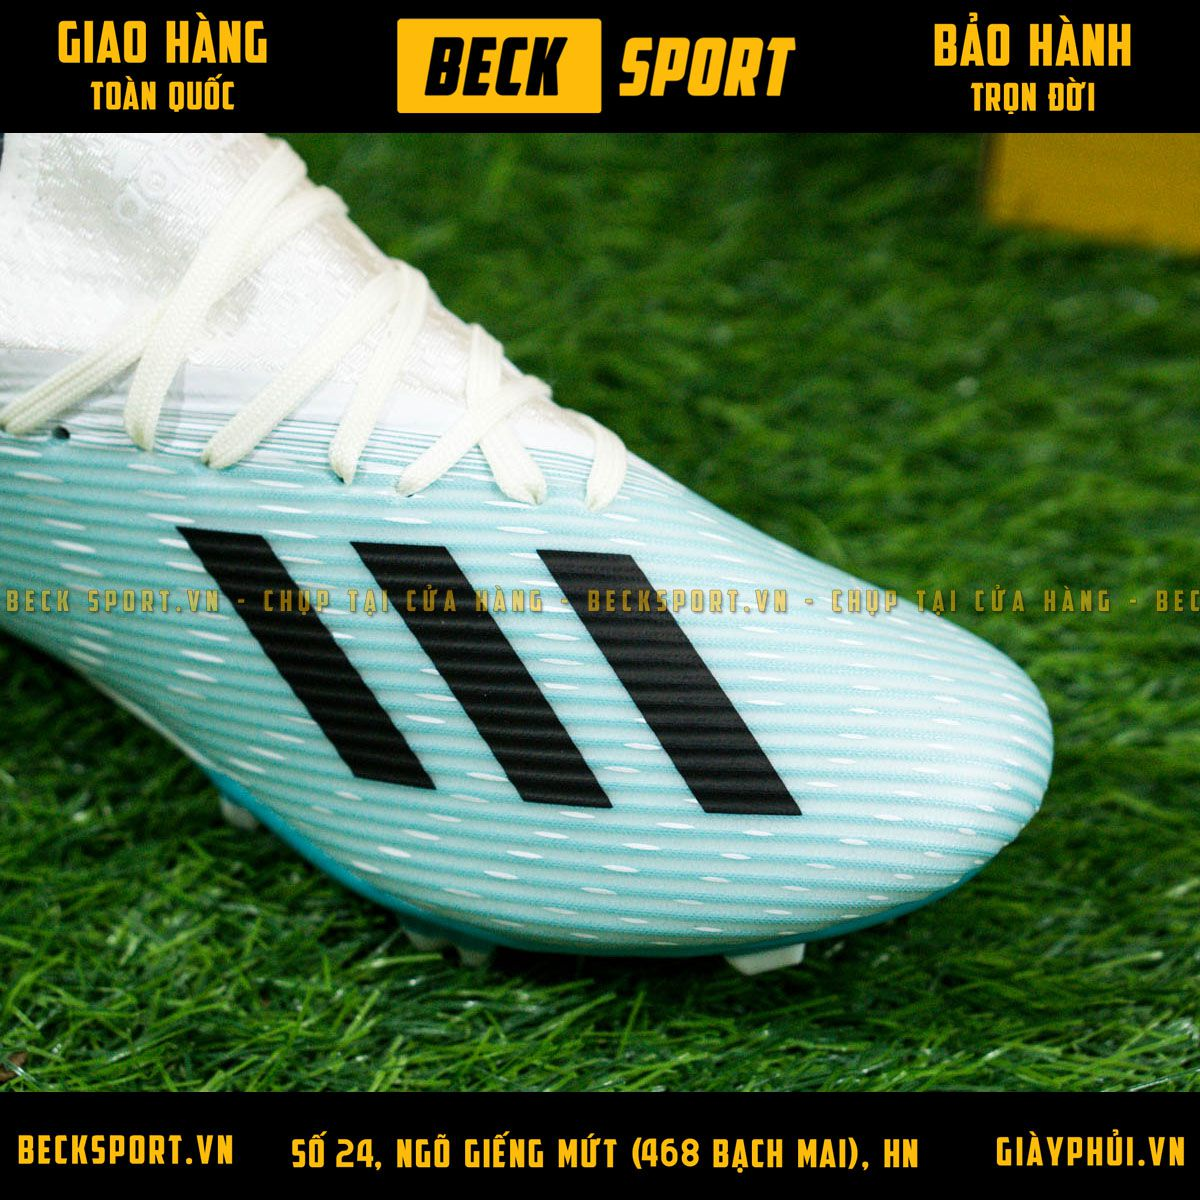 Giày Bóng Đá Adidas X 19.3 Xanh Biển Gót Trắng Đế Xanh Biển FG